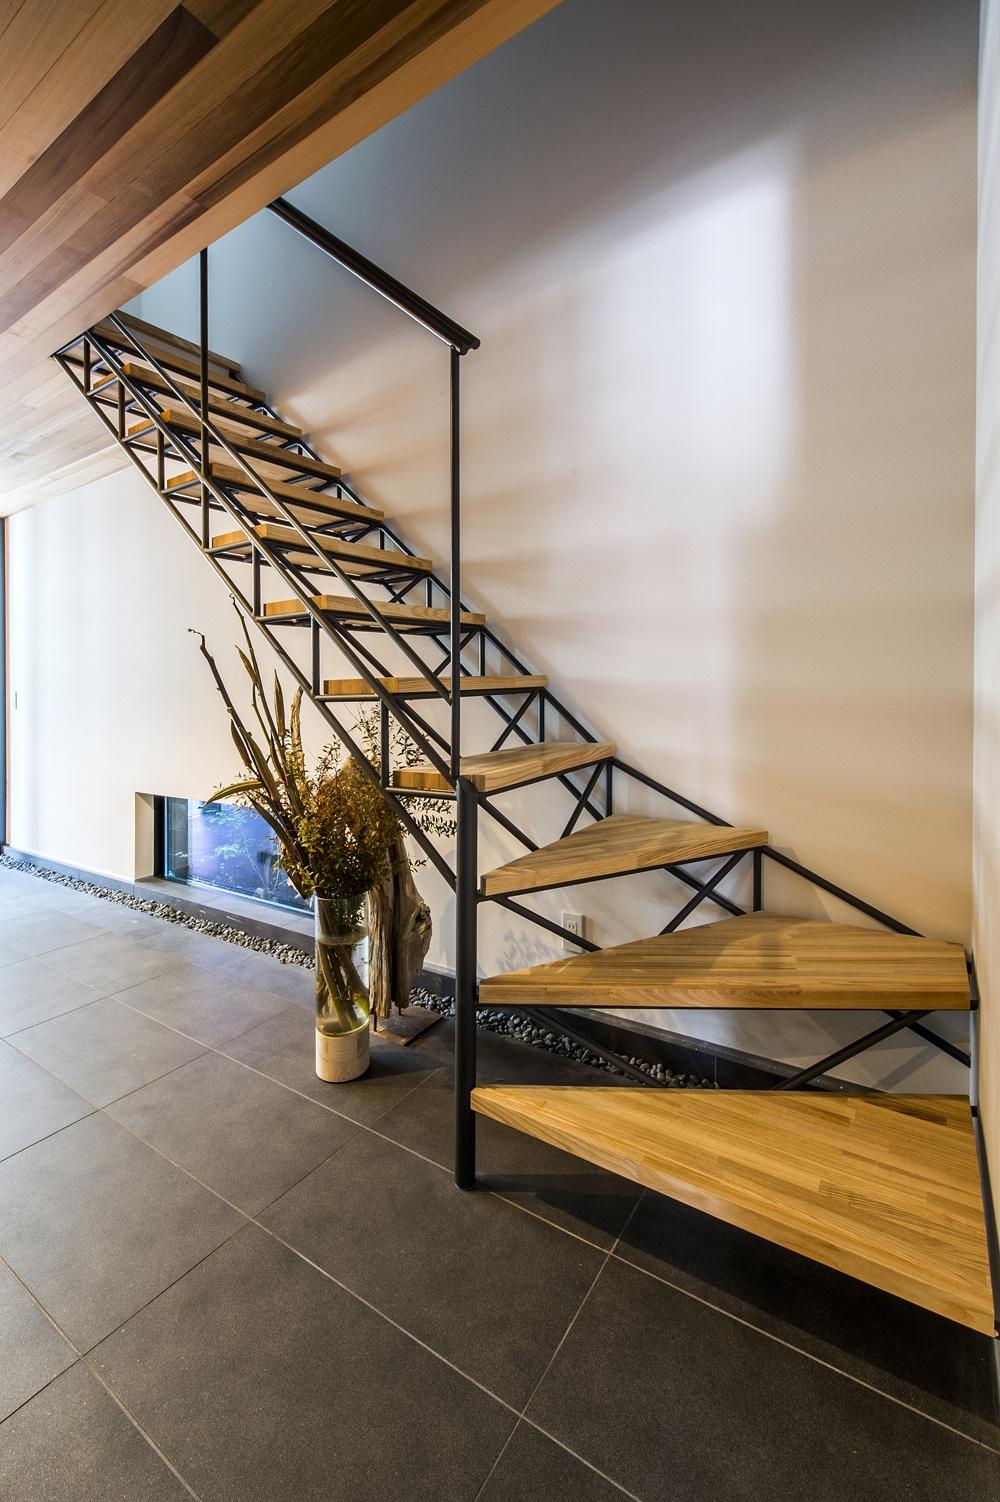 デザイン性の高い階段は、空間の主役になる